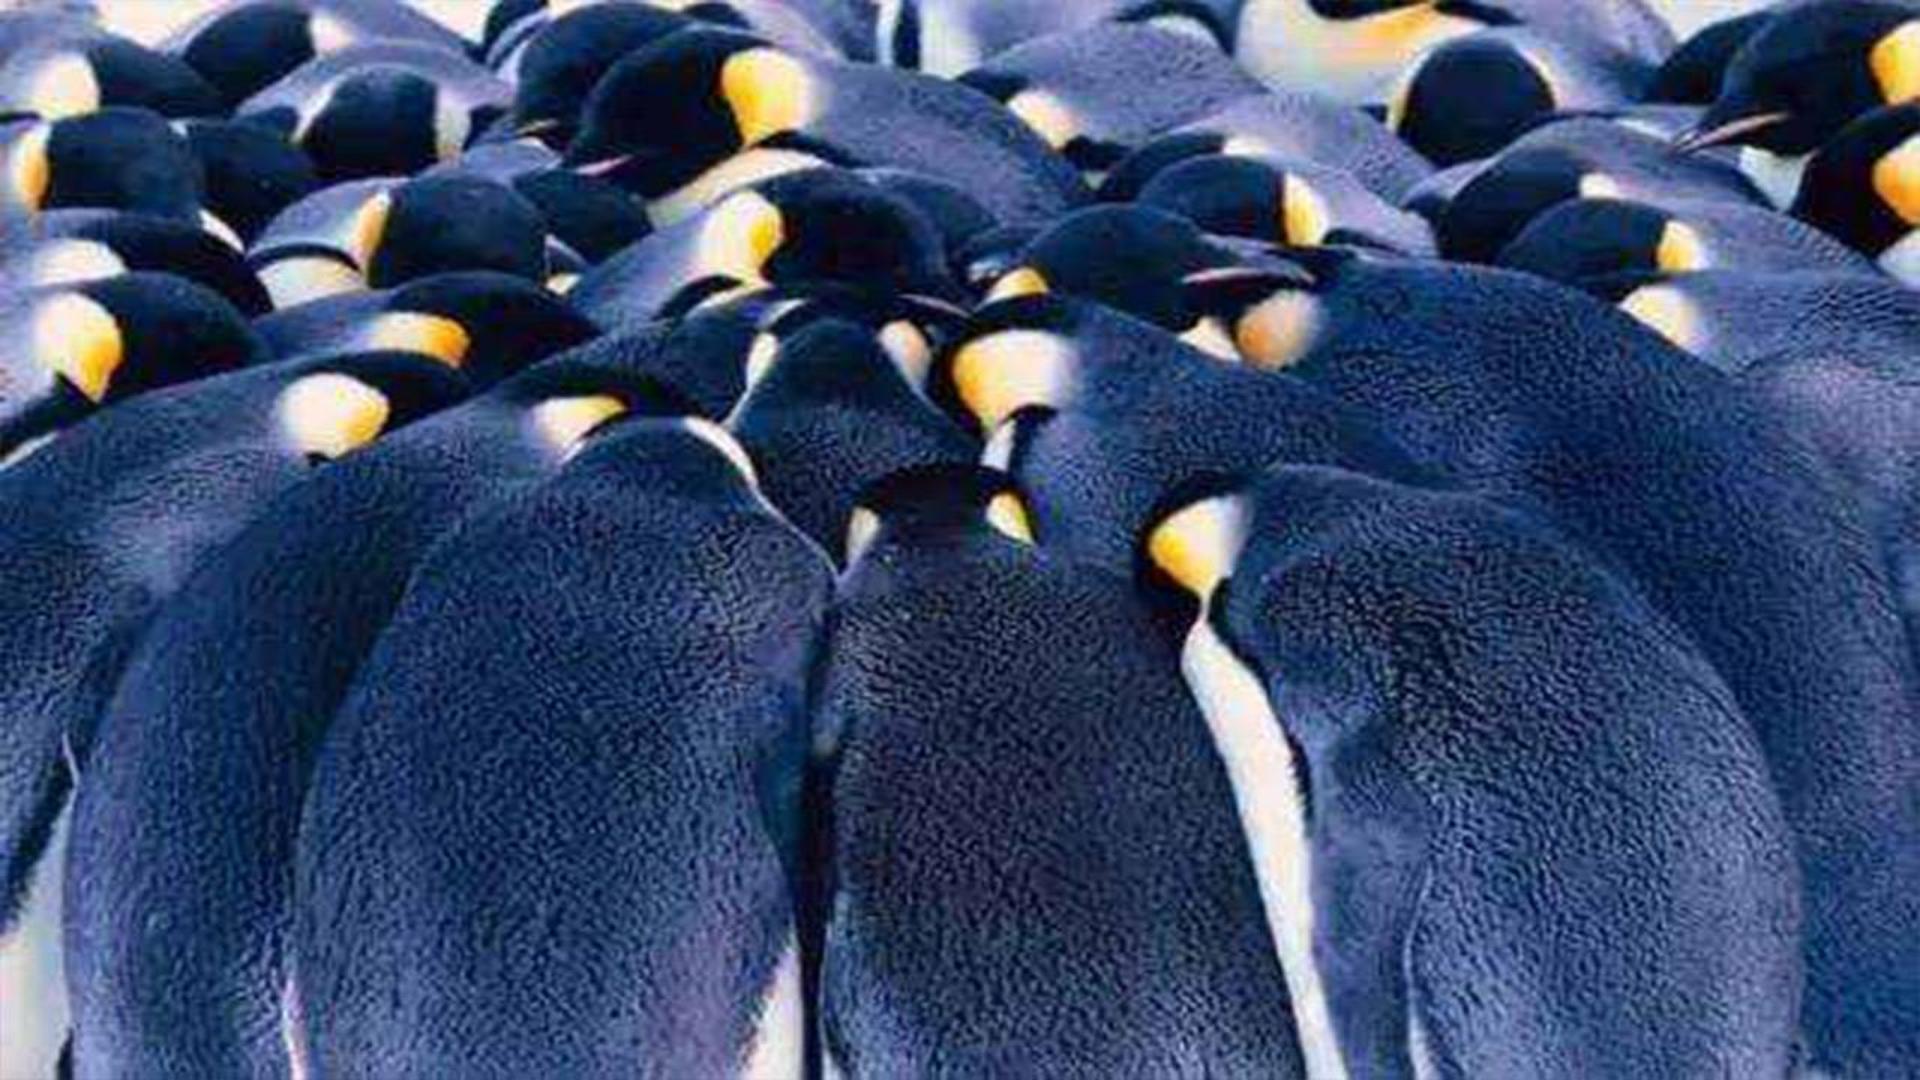 企鹅抱团取暖时,最外层的企鹅会被冻死吗?